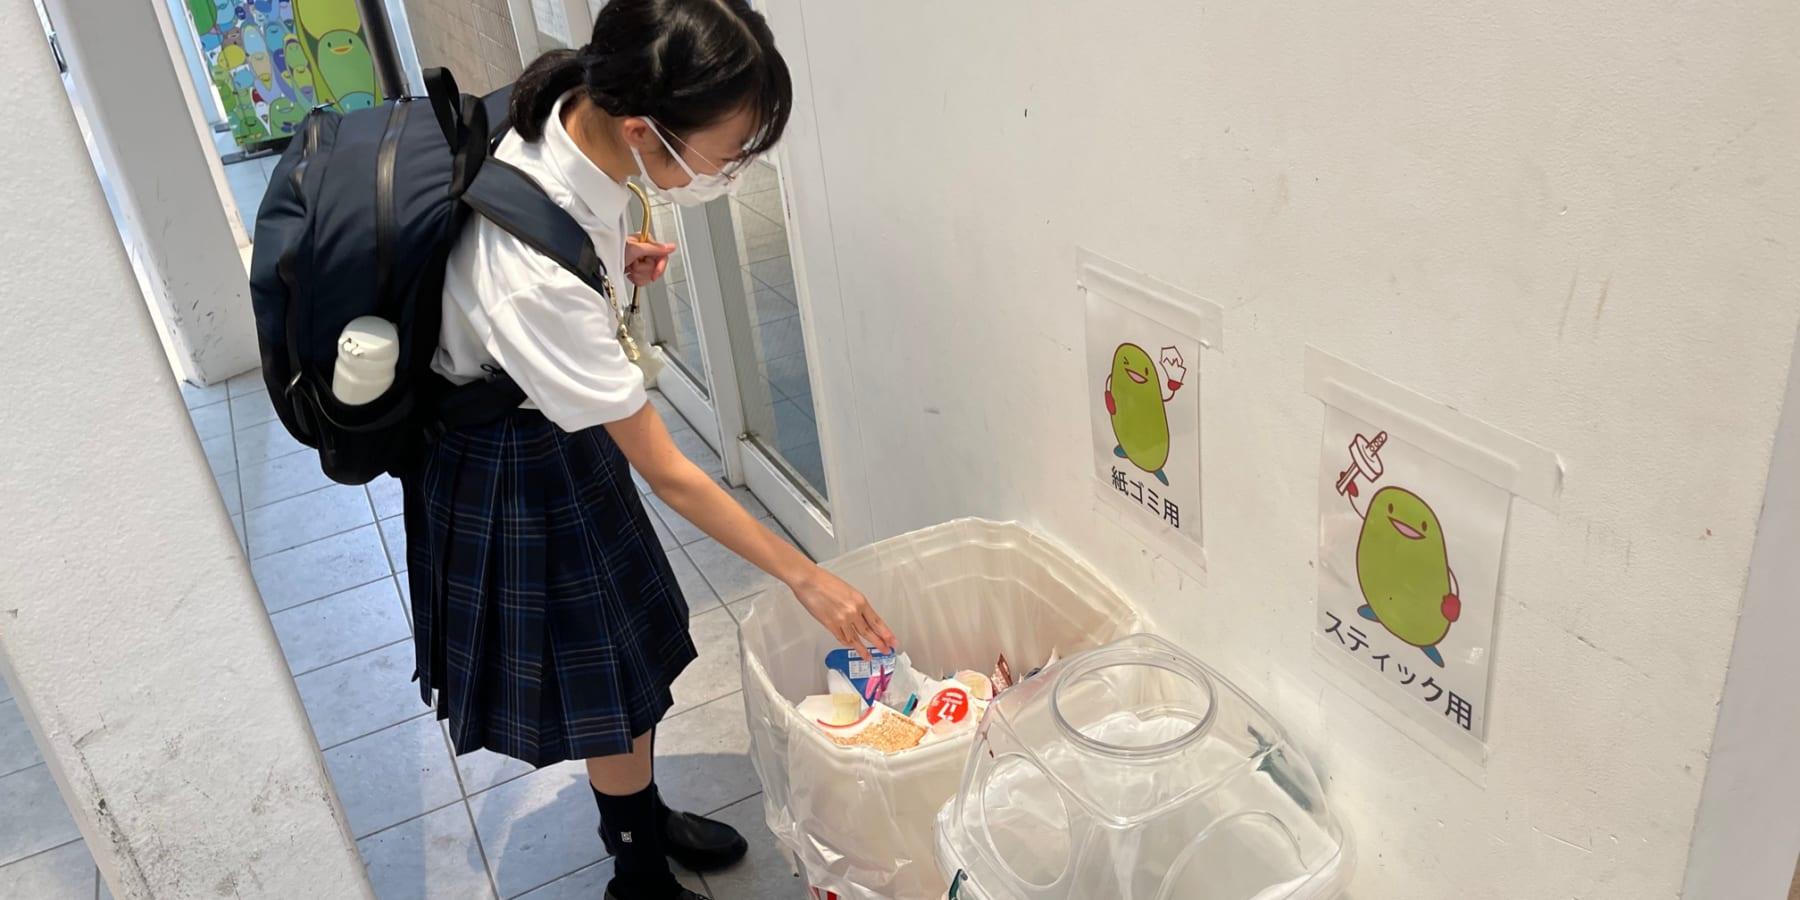 中高生がプラスチックとの付き合いかたを学ぶ。グリコの17アイス自販機